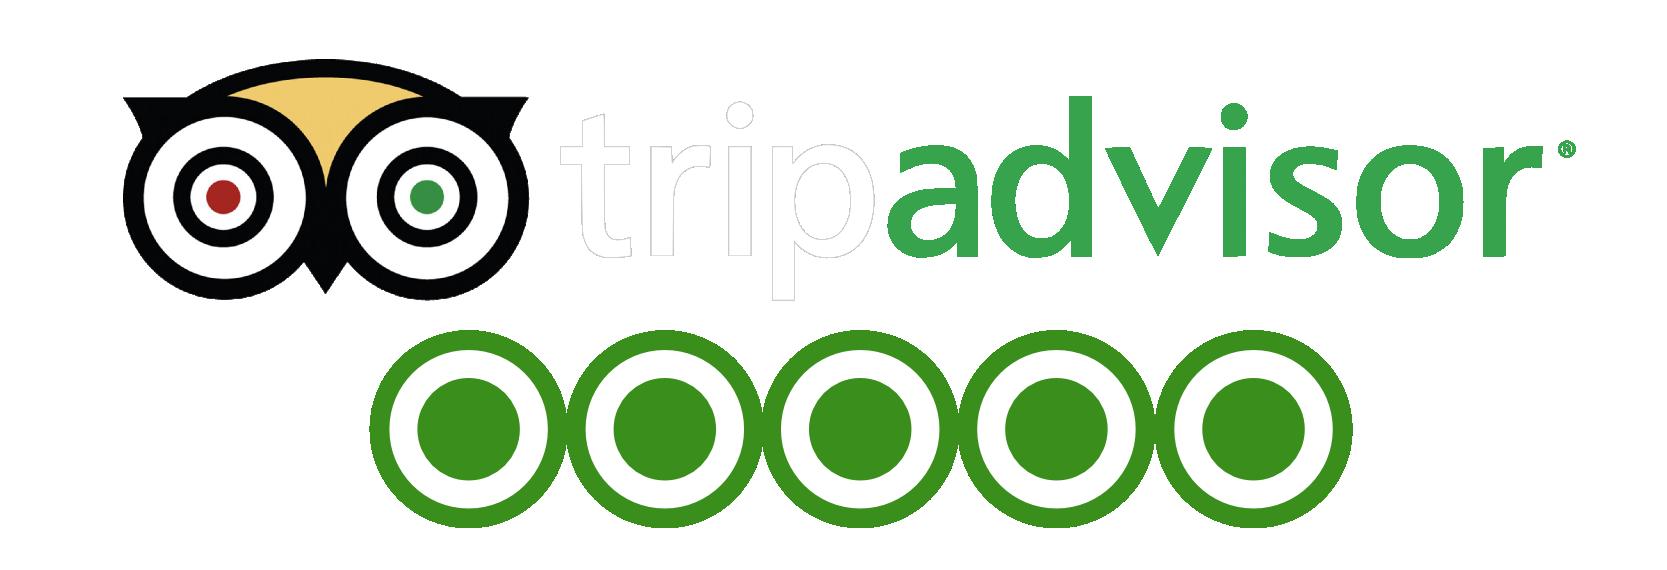 Tripadvisor Logo Png.